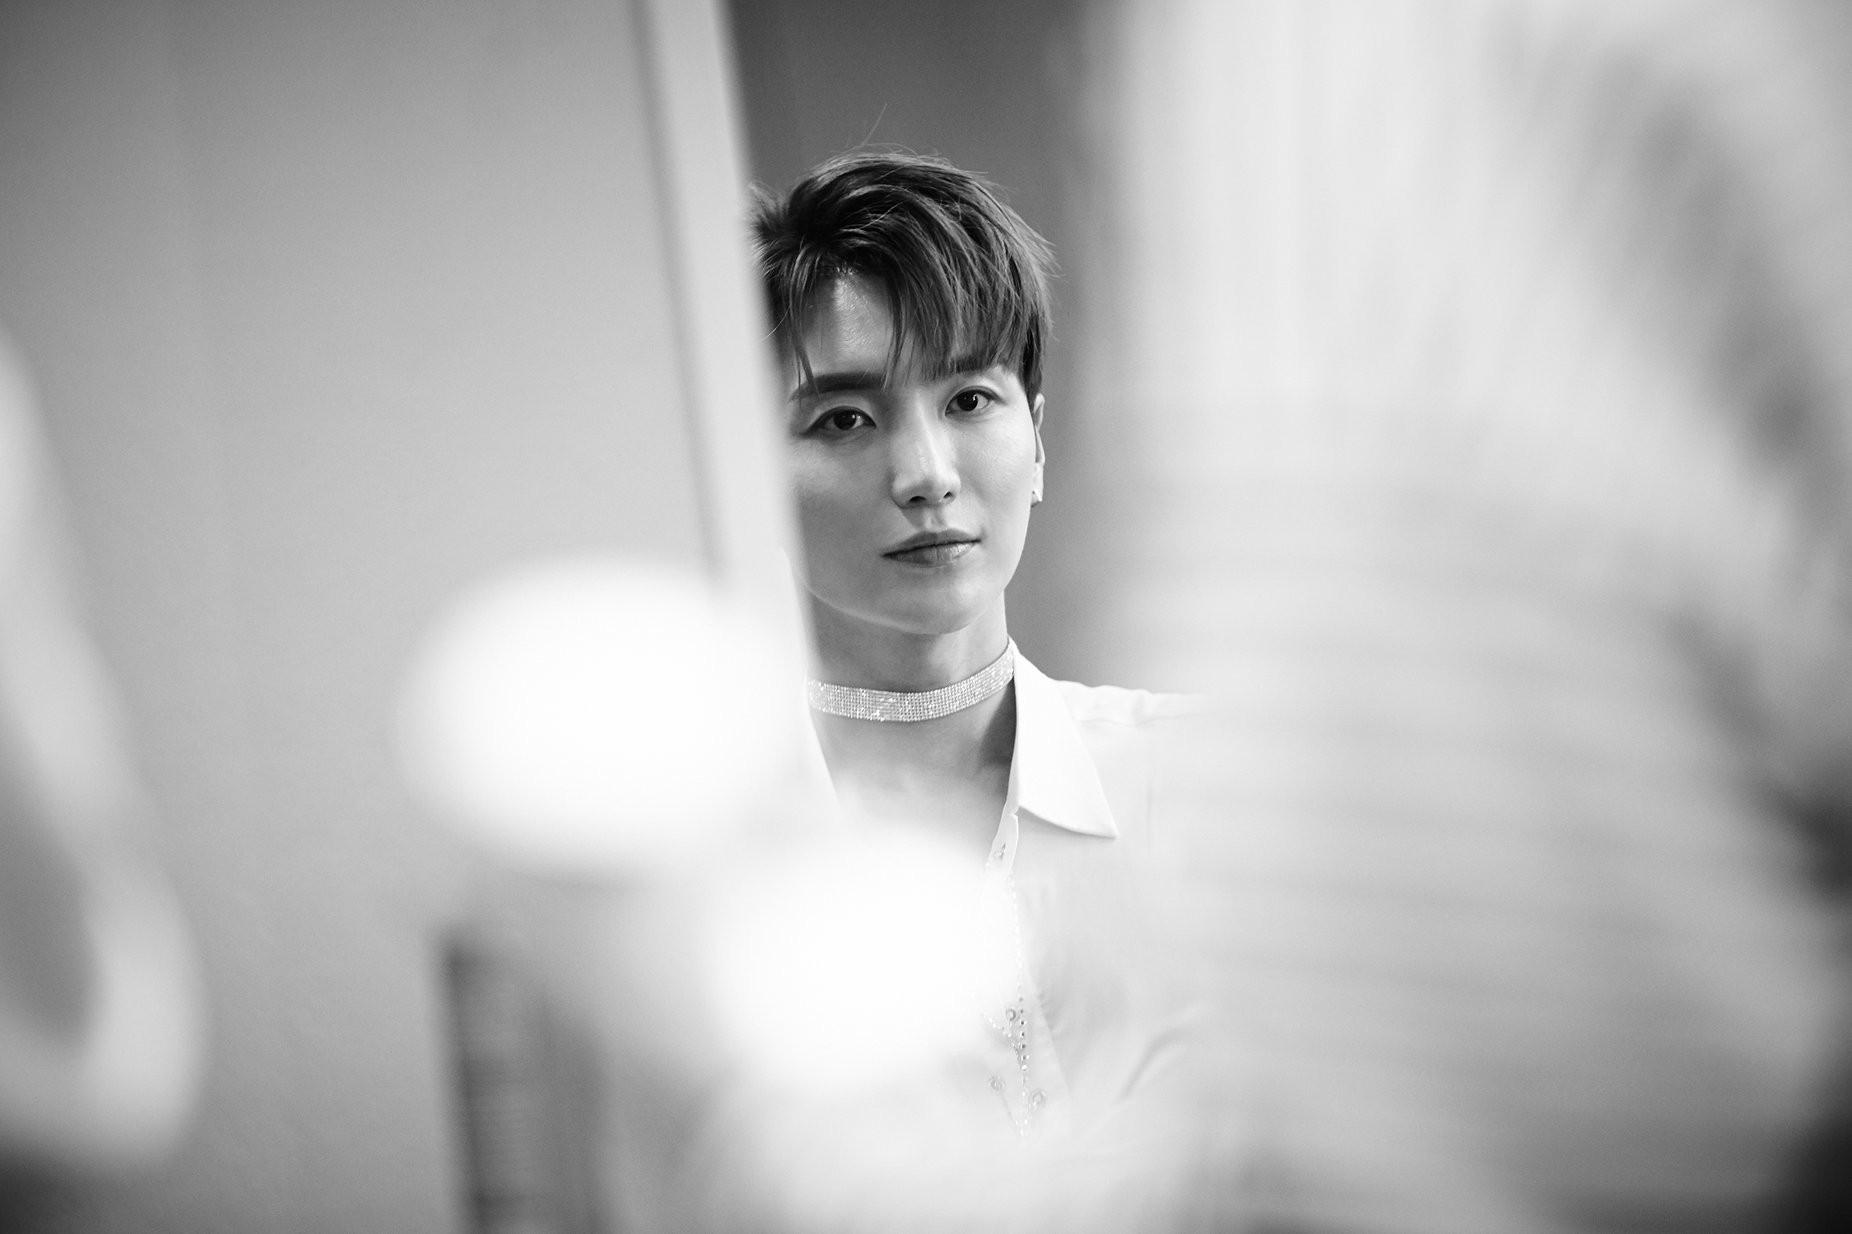 Super Junior cho fan ná thở với loạt ảnh lung linh từ tour thế giới - Ảnh 12.